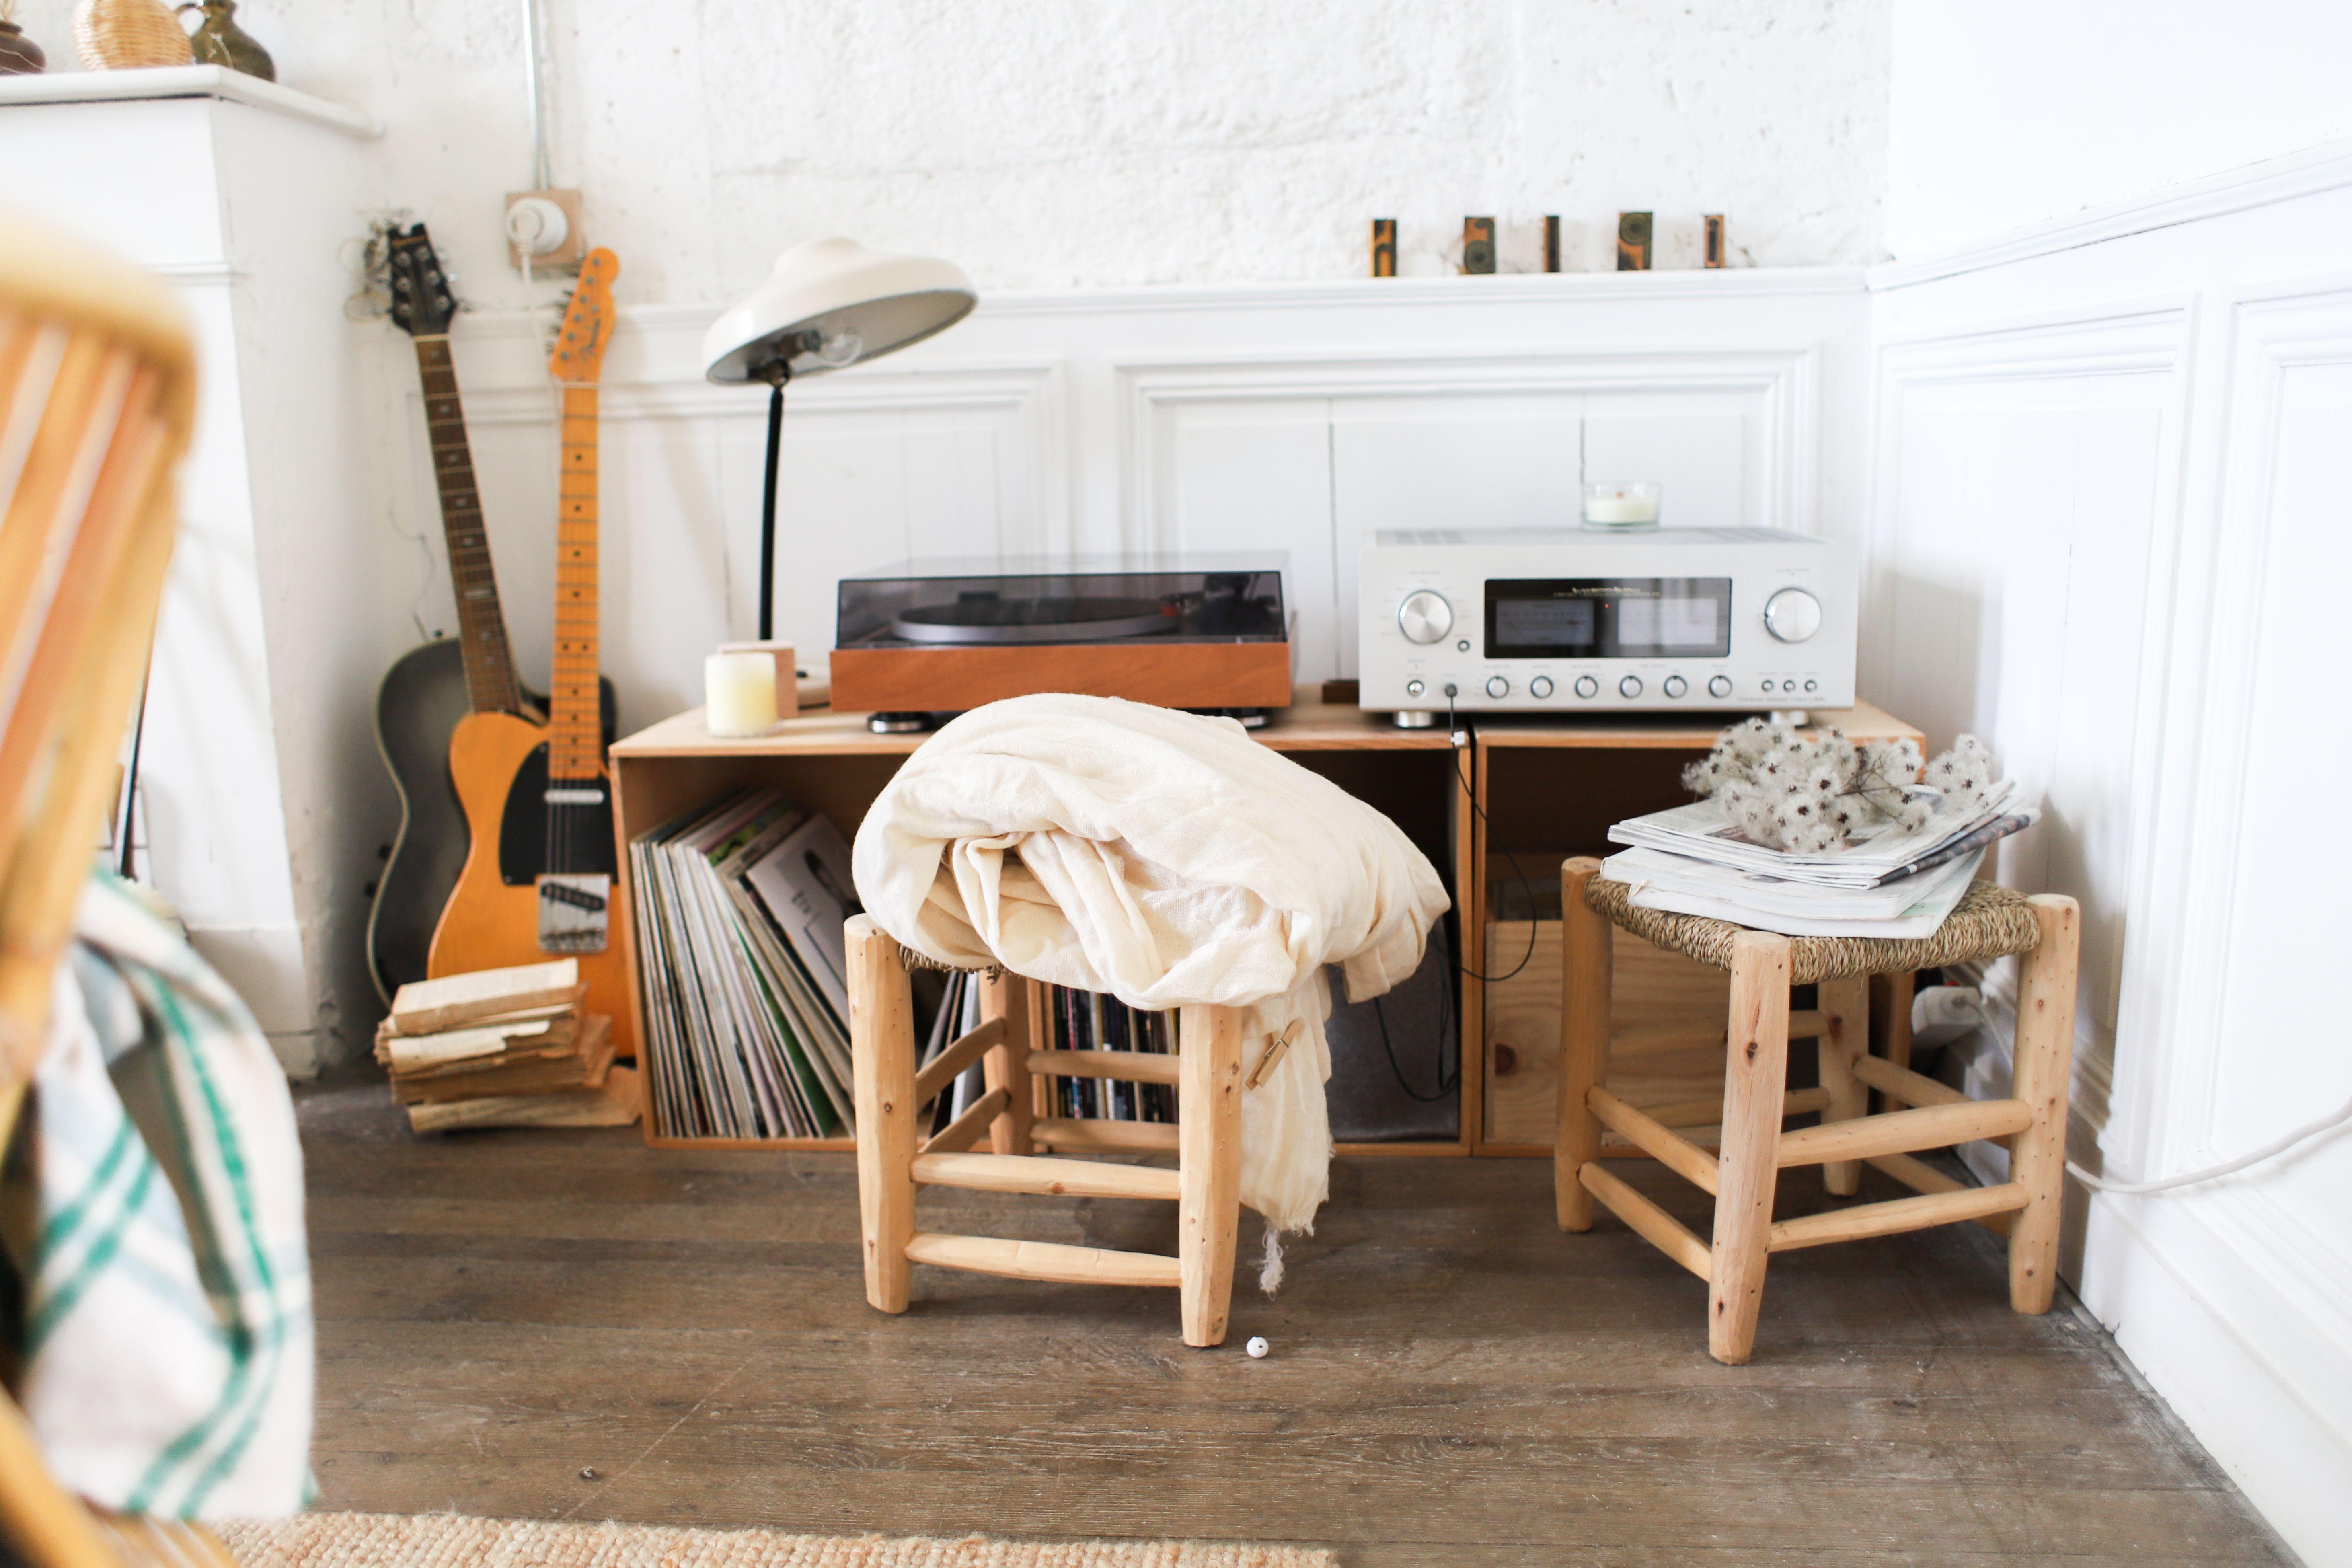 Le Coin Musique Chateau De Dirac En 2020 Deco Petit Salon Amenagement Petit Salon Idee Deco Petit Salon